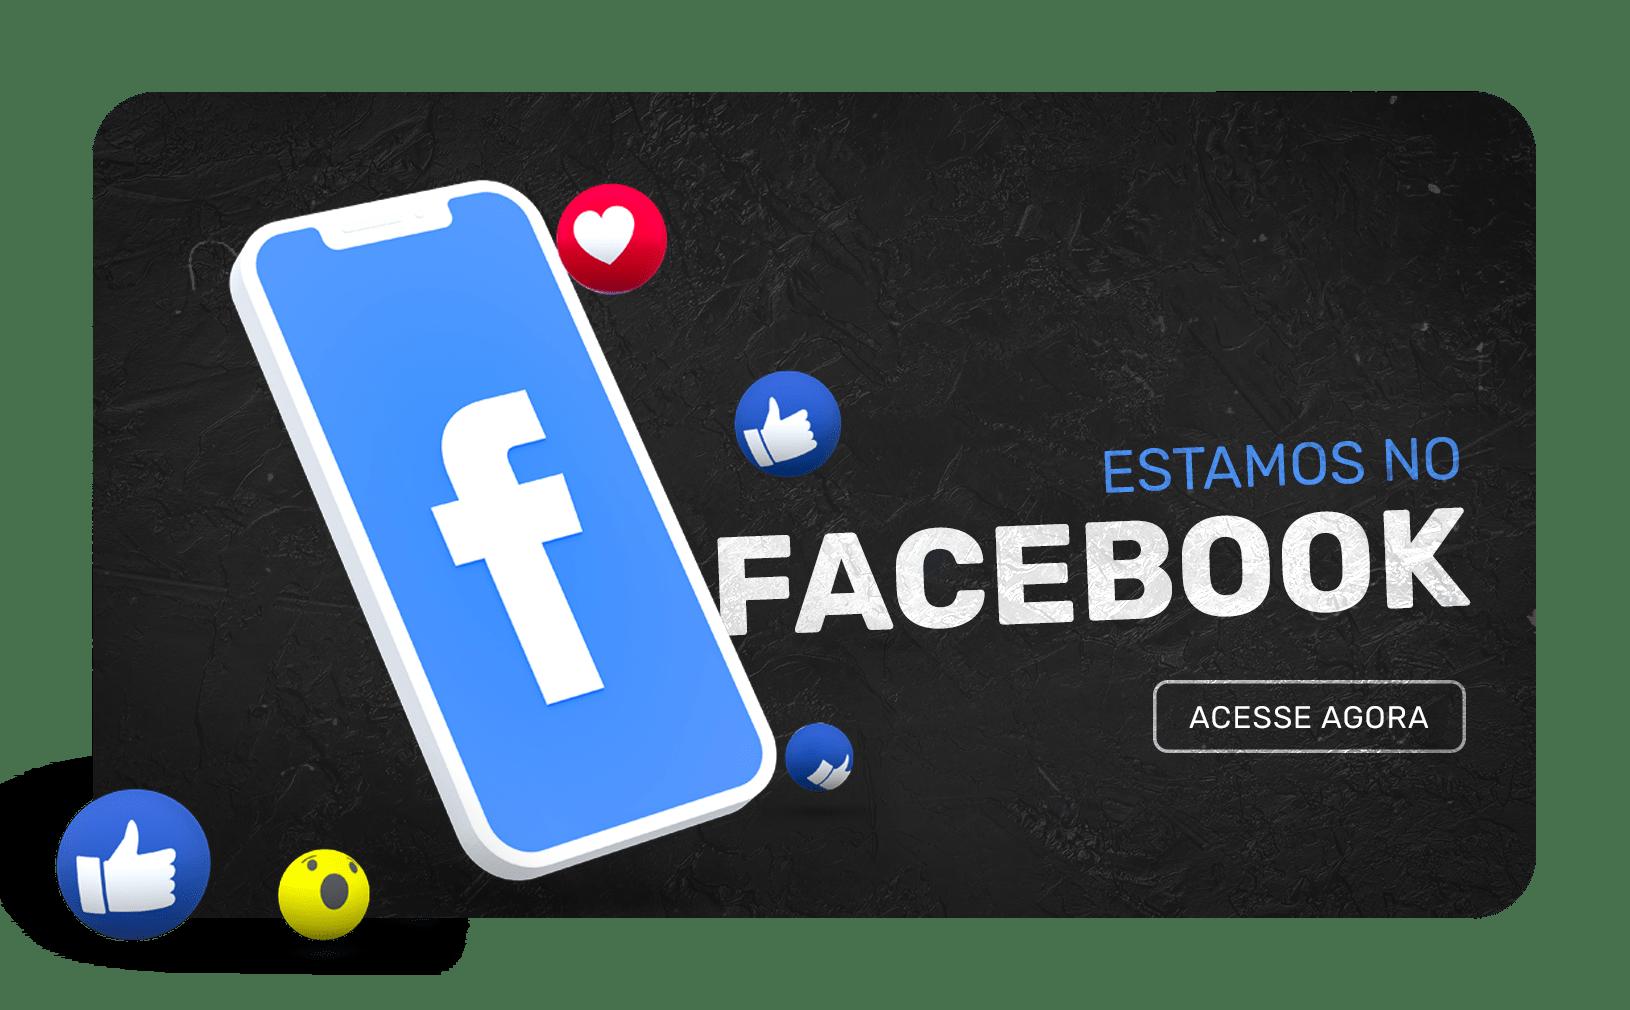 Face1book